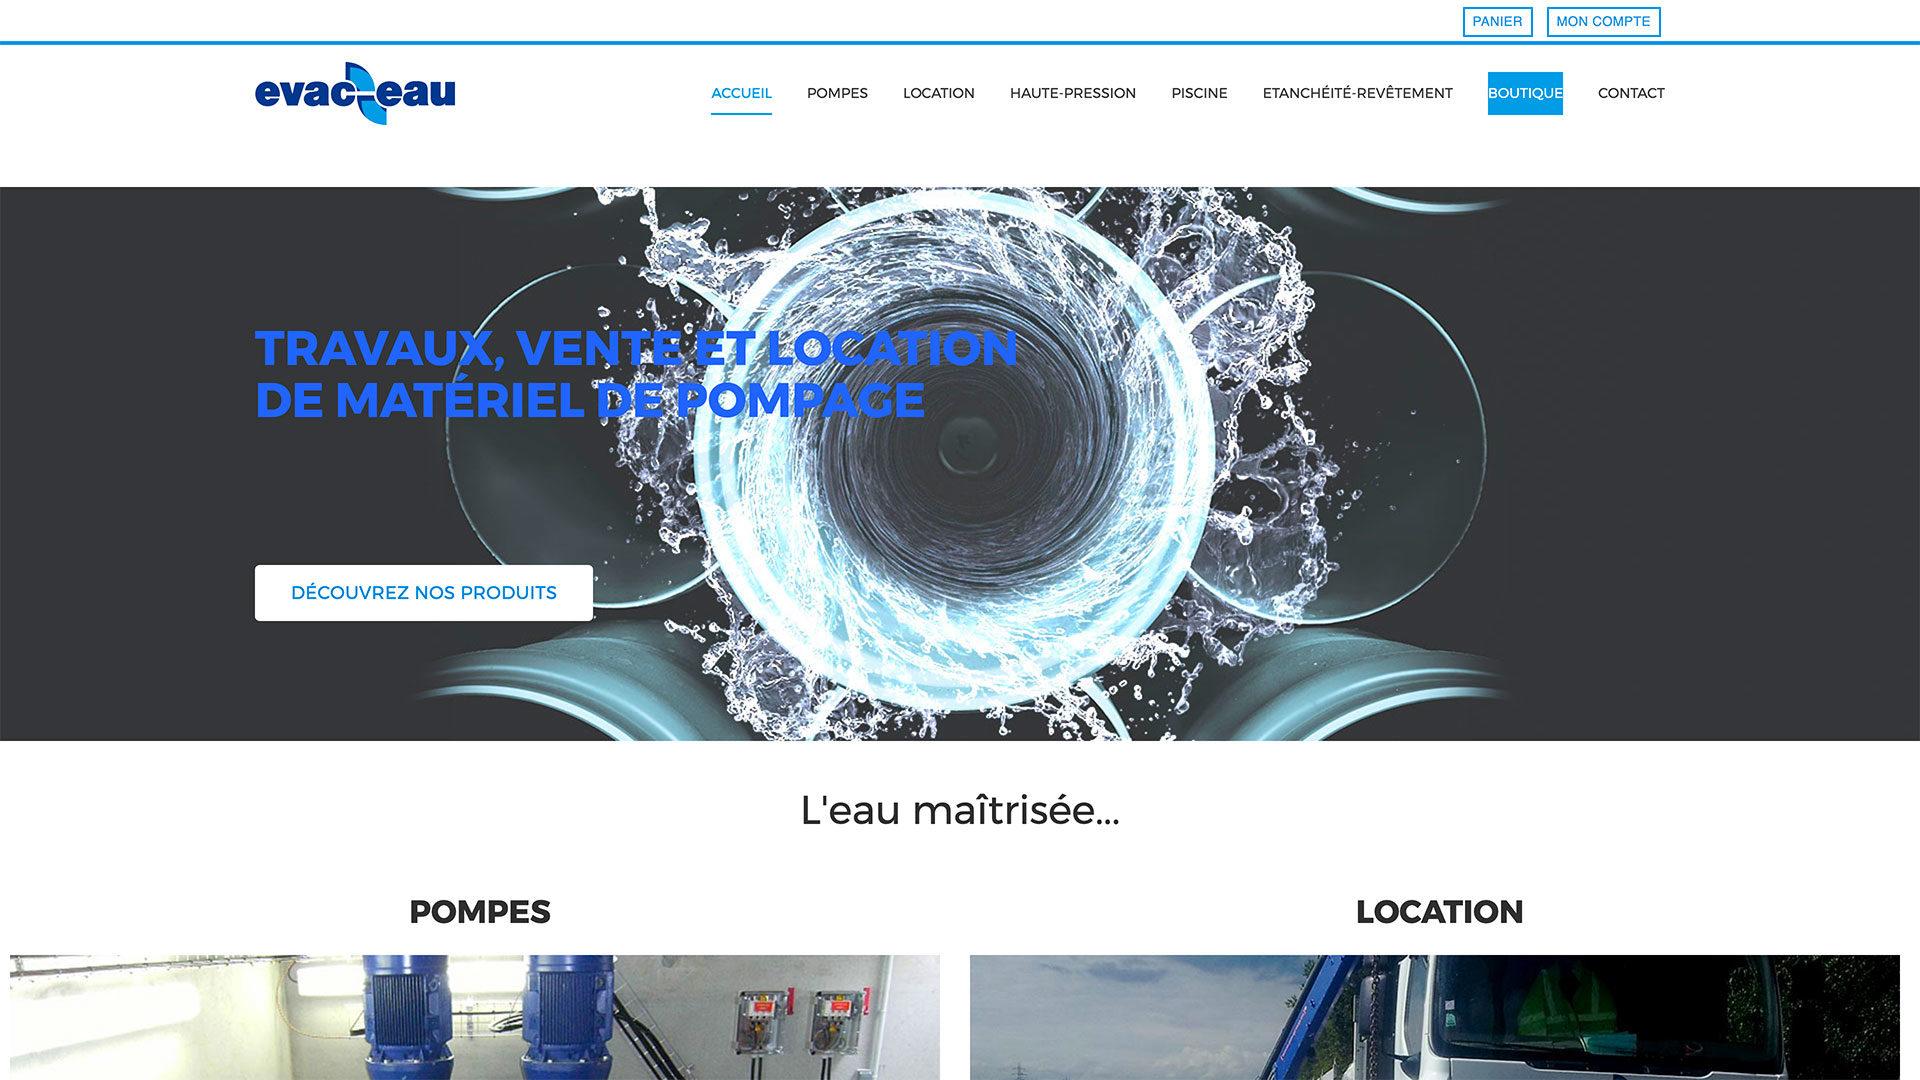 evac-eau.com